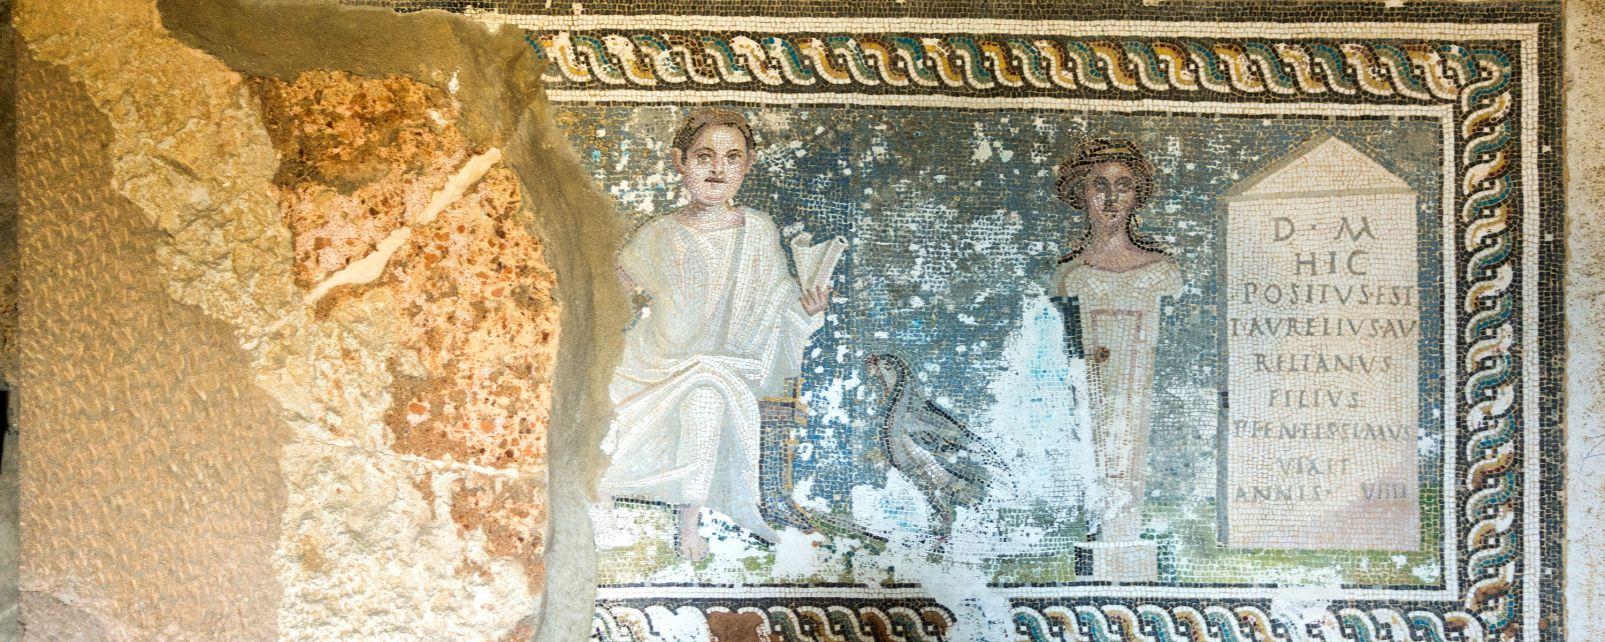 Les musées, musée, archéologie, archéologique, split, croatie, antiquité, culture